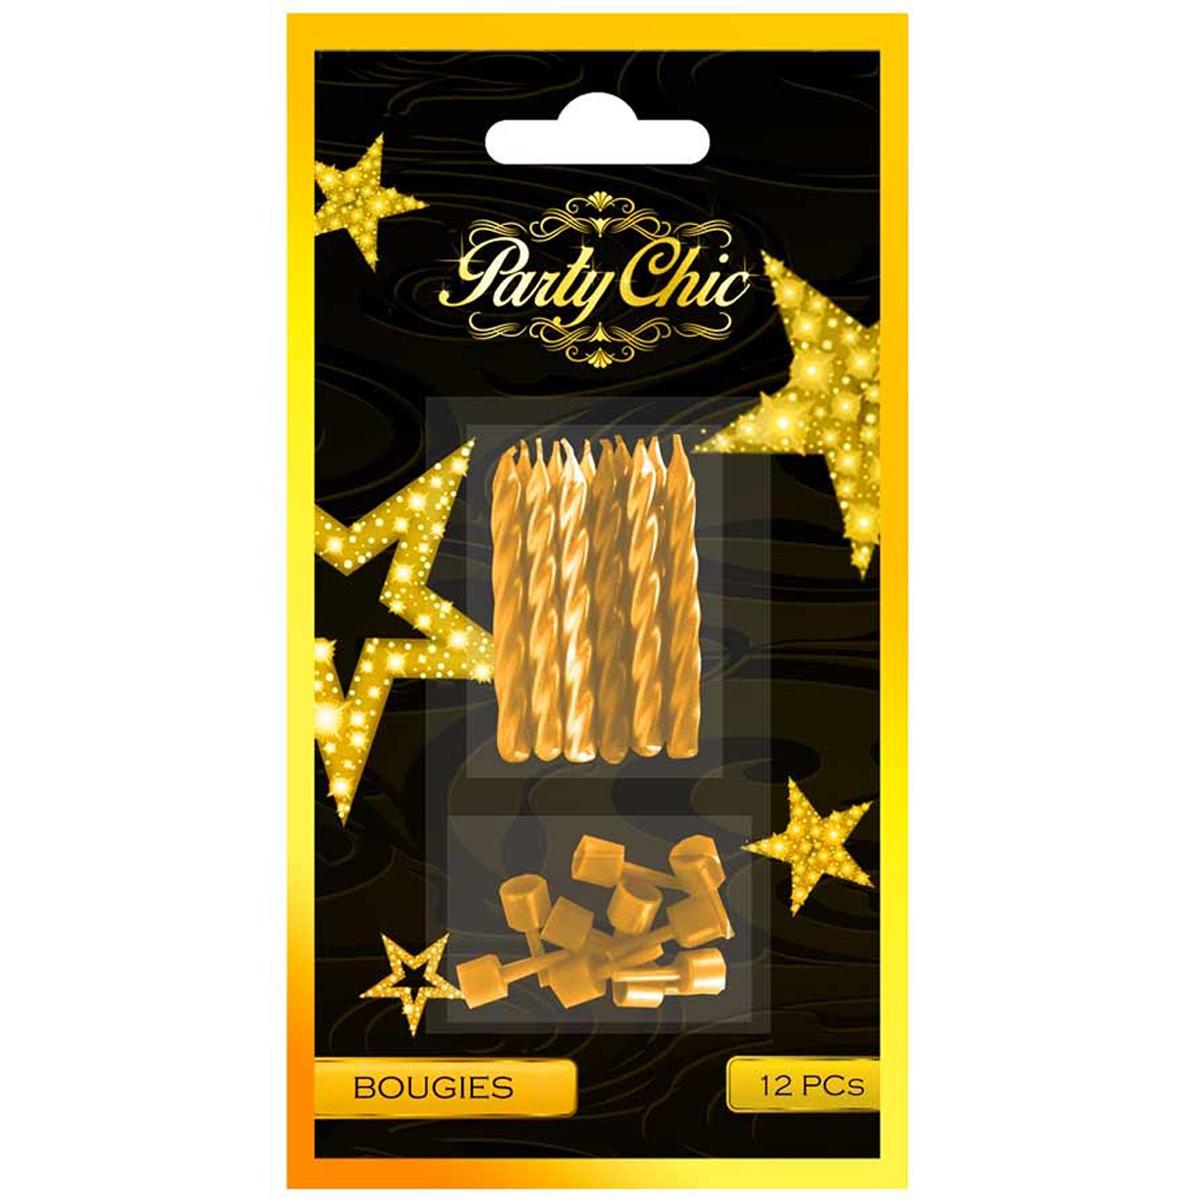 12 bougies \'Party Chic\' doré - 5 cm - [Q4123]